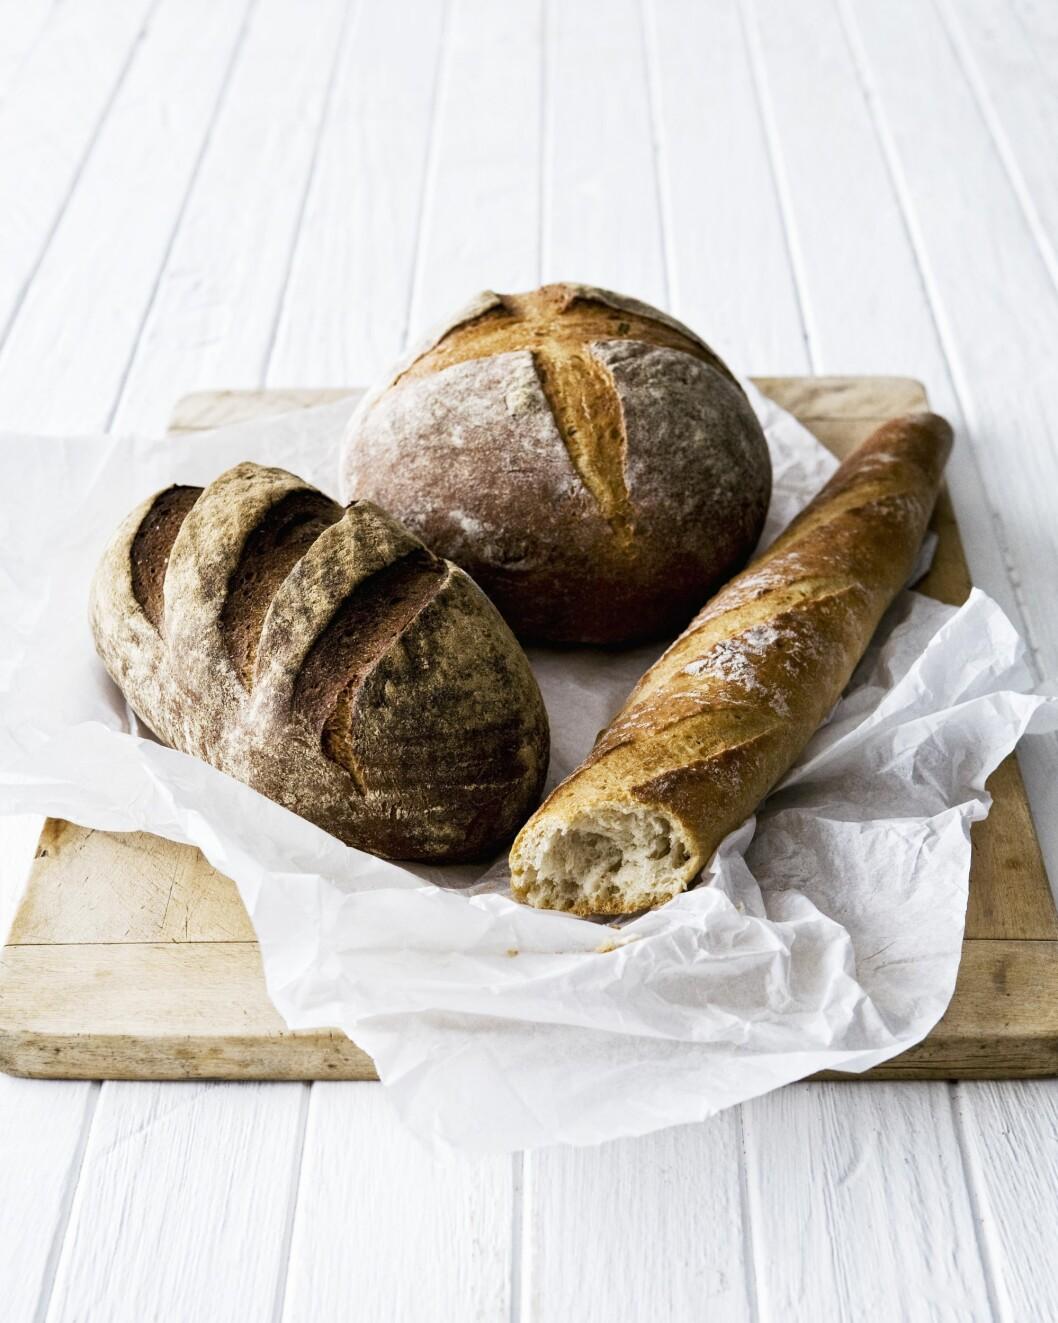 <strong>INNEHOLDER GLUTEN:</strong> Gluten finnes i hvete, rug, bygg, havre, triticale (hybrid mellom hvete og rug) og spelt, ifølge Norsk Helseinformatikk (NHI.no). Foto: Scanpix